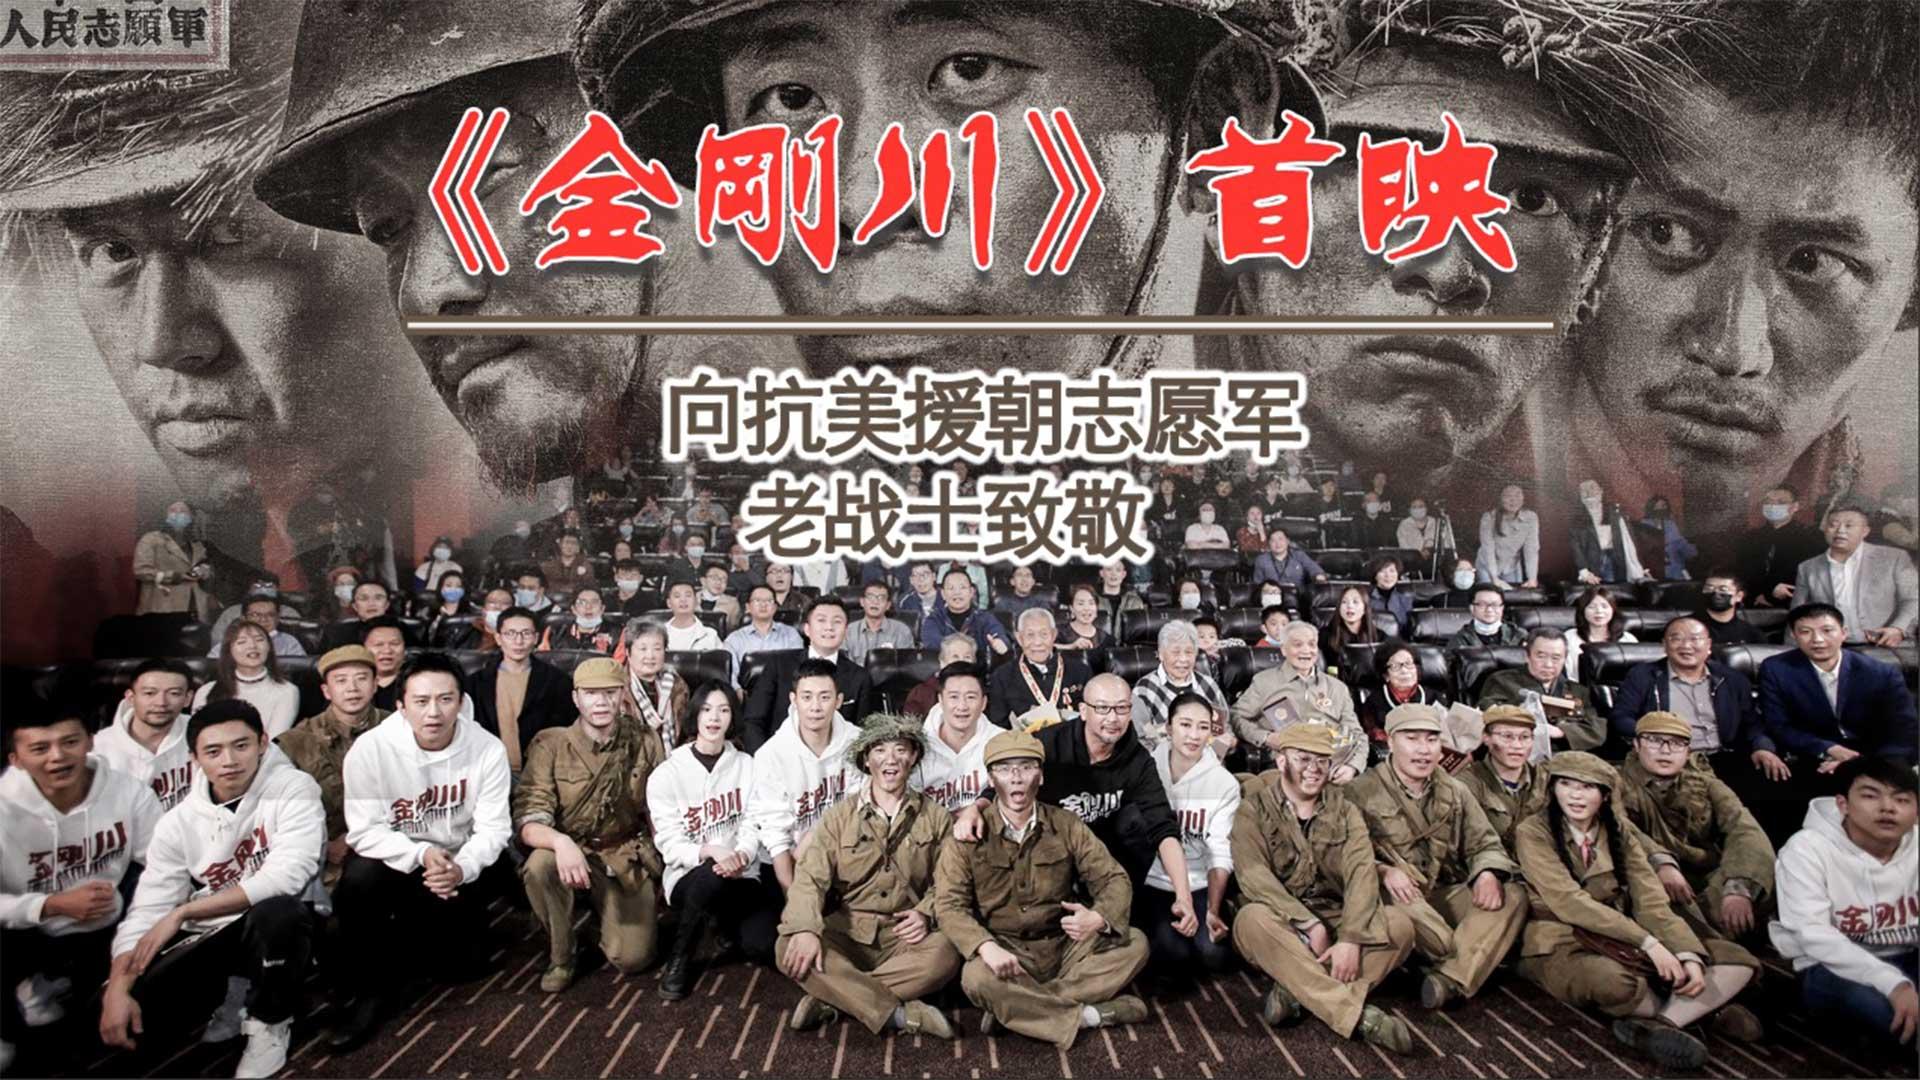 军武观影团《金刚川》首映仪式 向抗美援朝志愿军老战士致敬